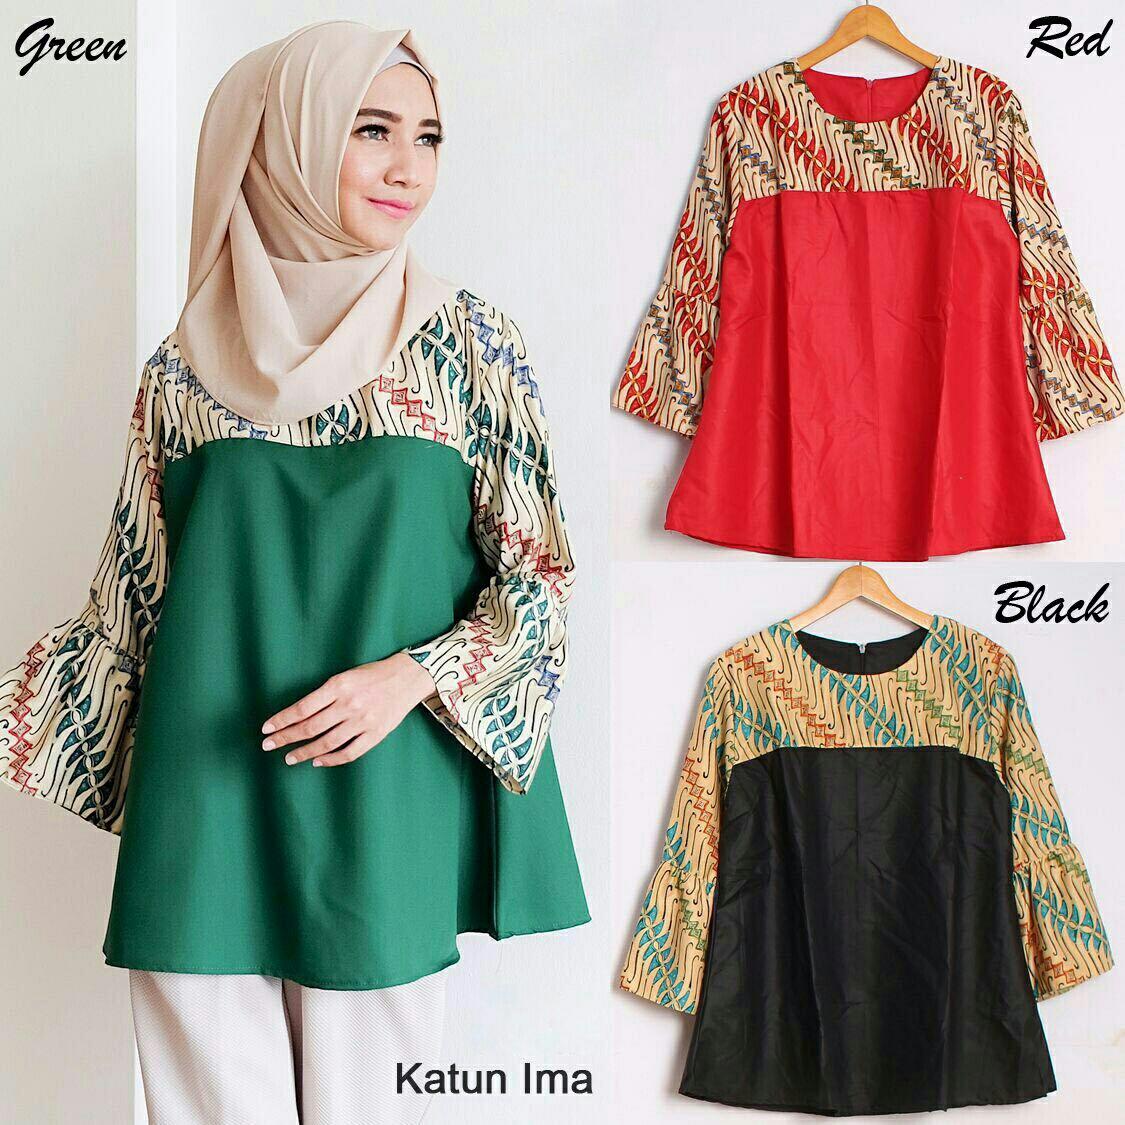 35+ Gambar Model Baju Batik Wanita Lengan Panjang Terbaru ...